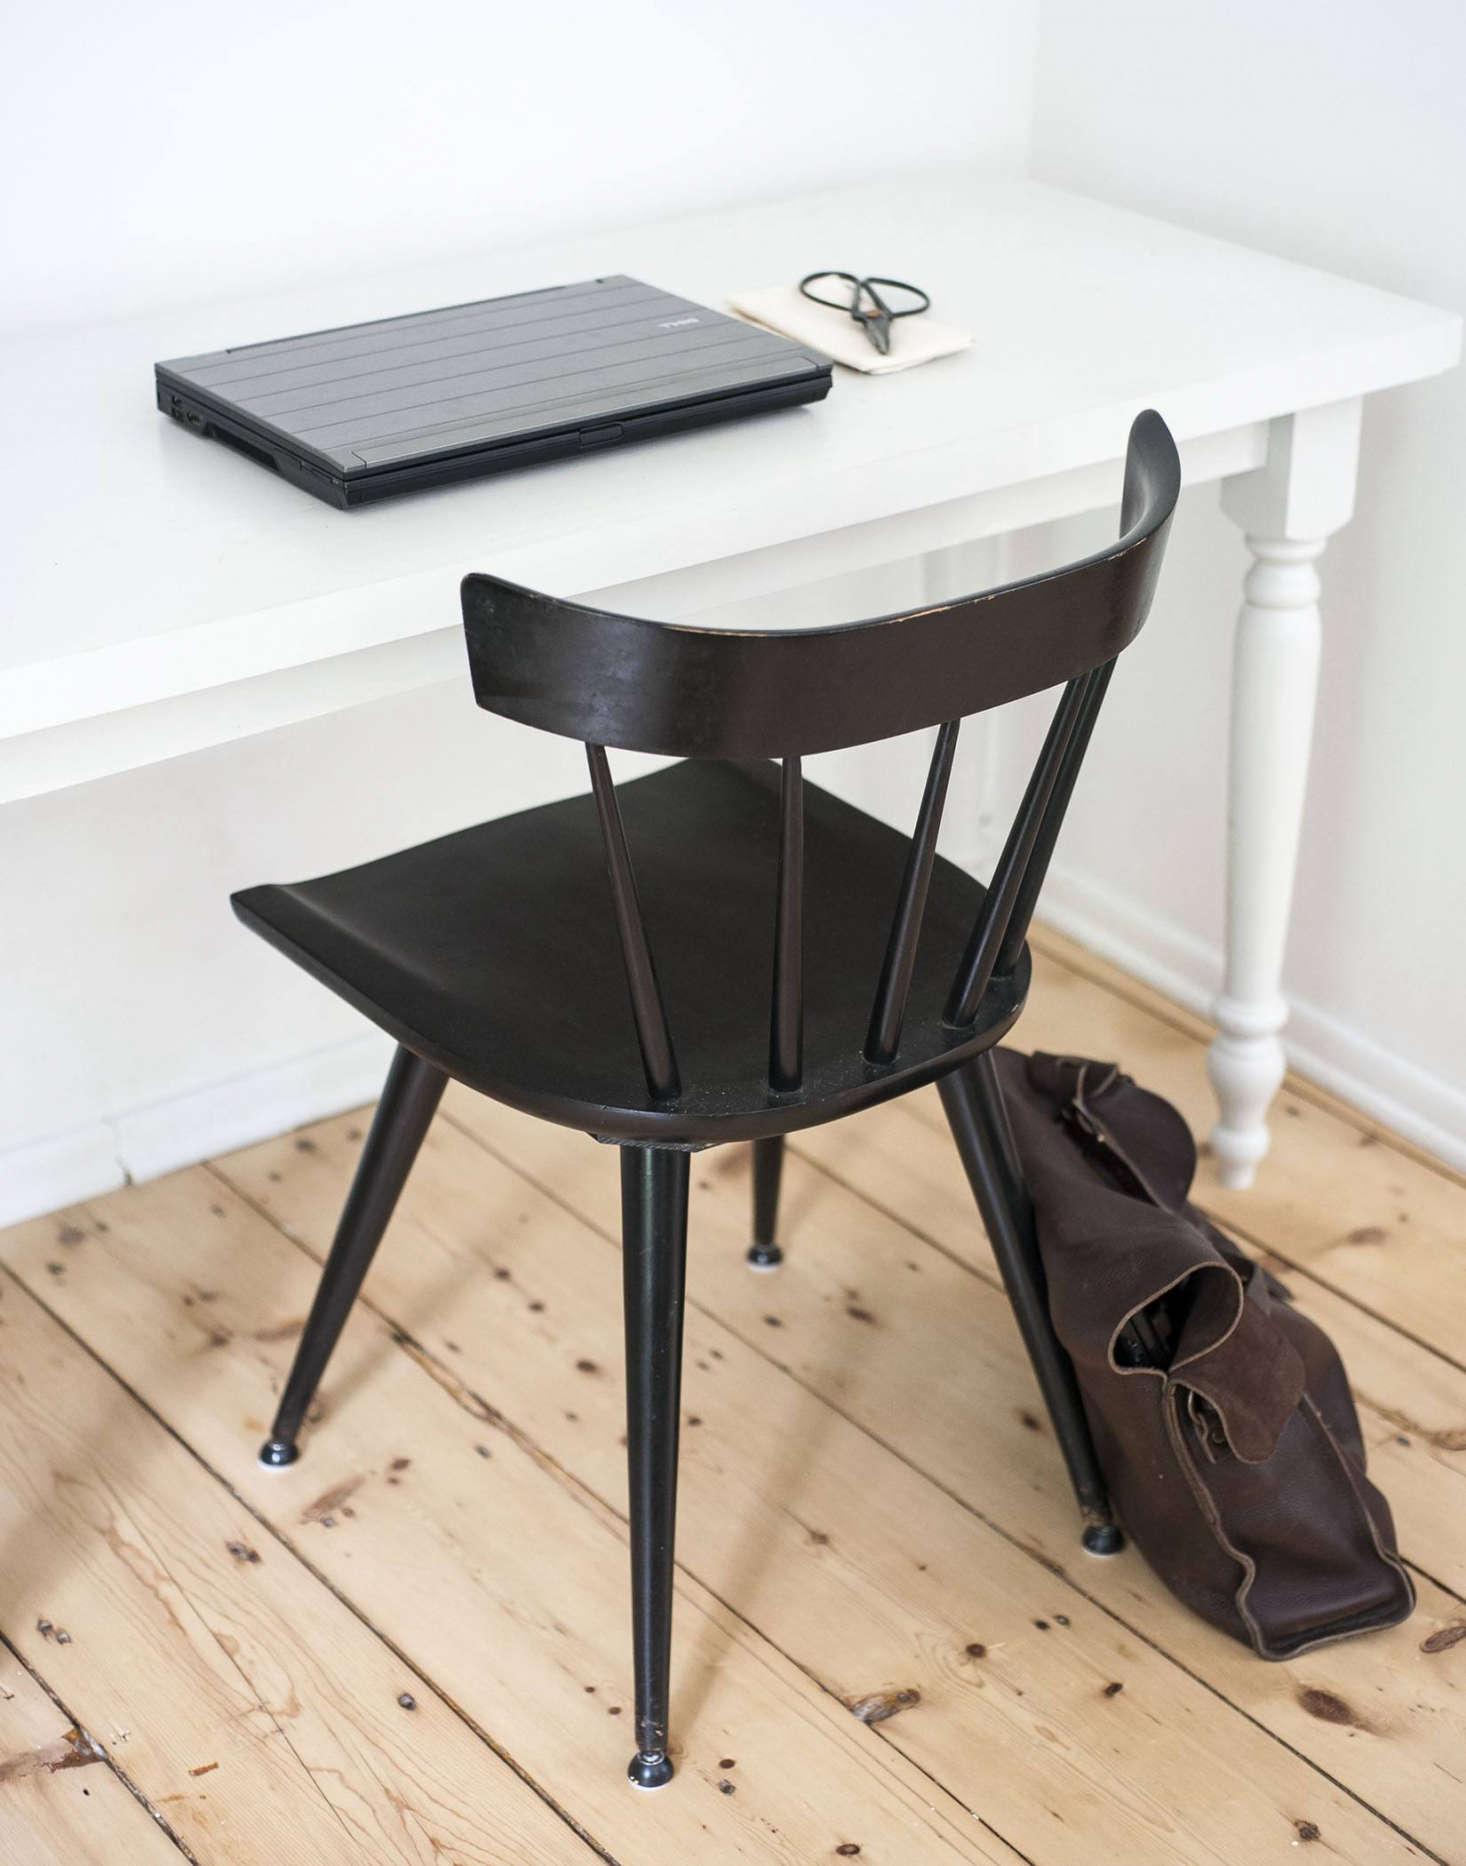 Workstead Partner's desk detail, in Gallatin New York.